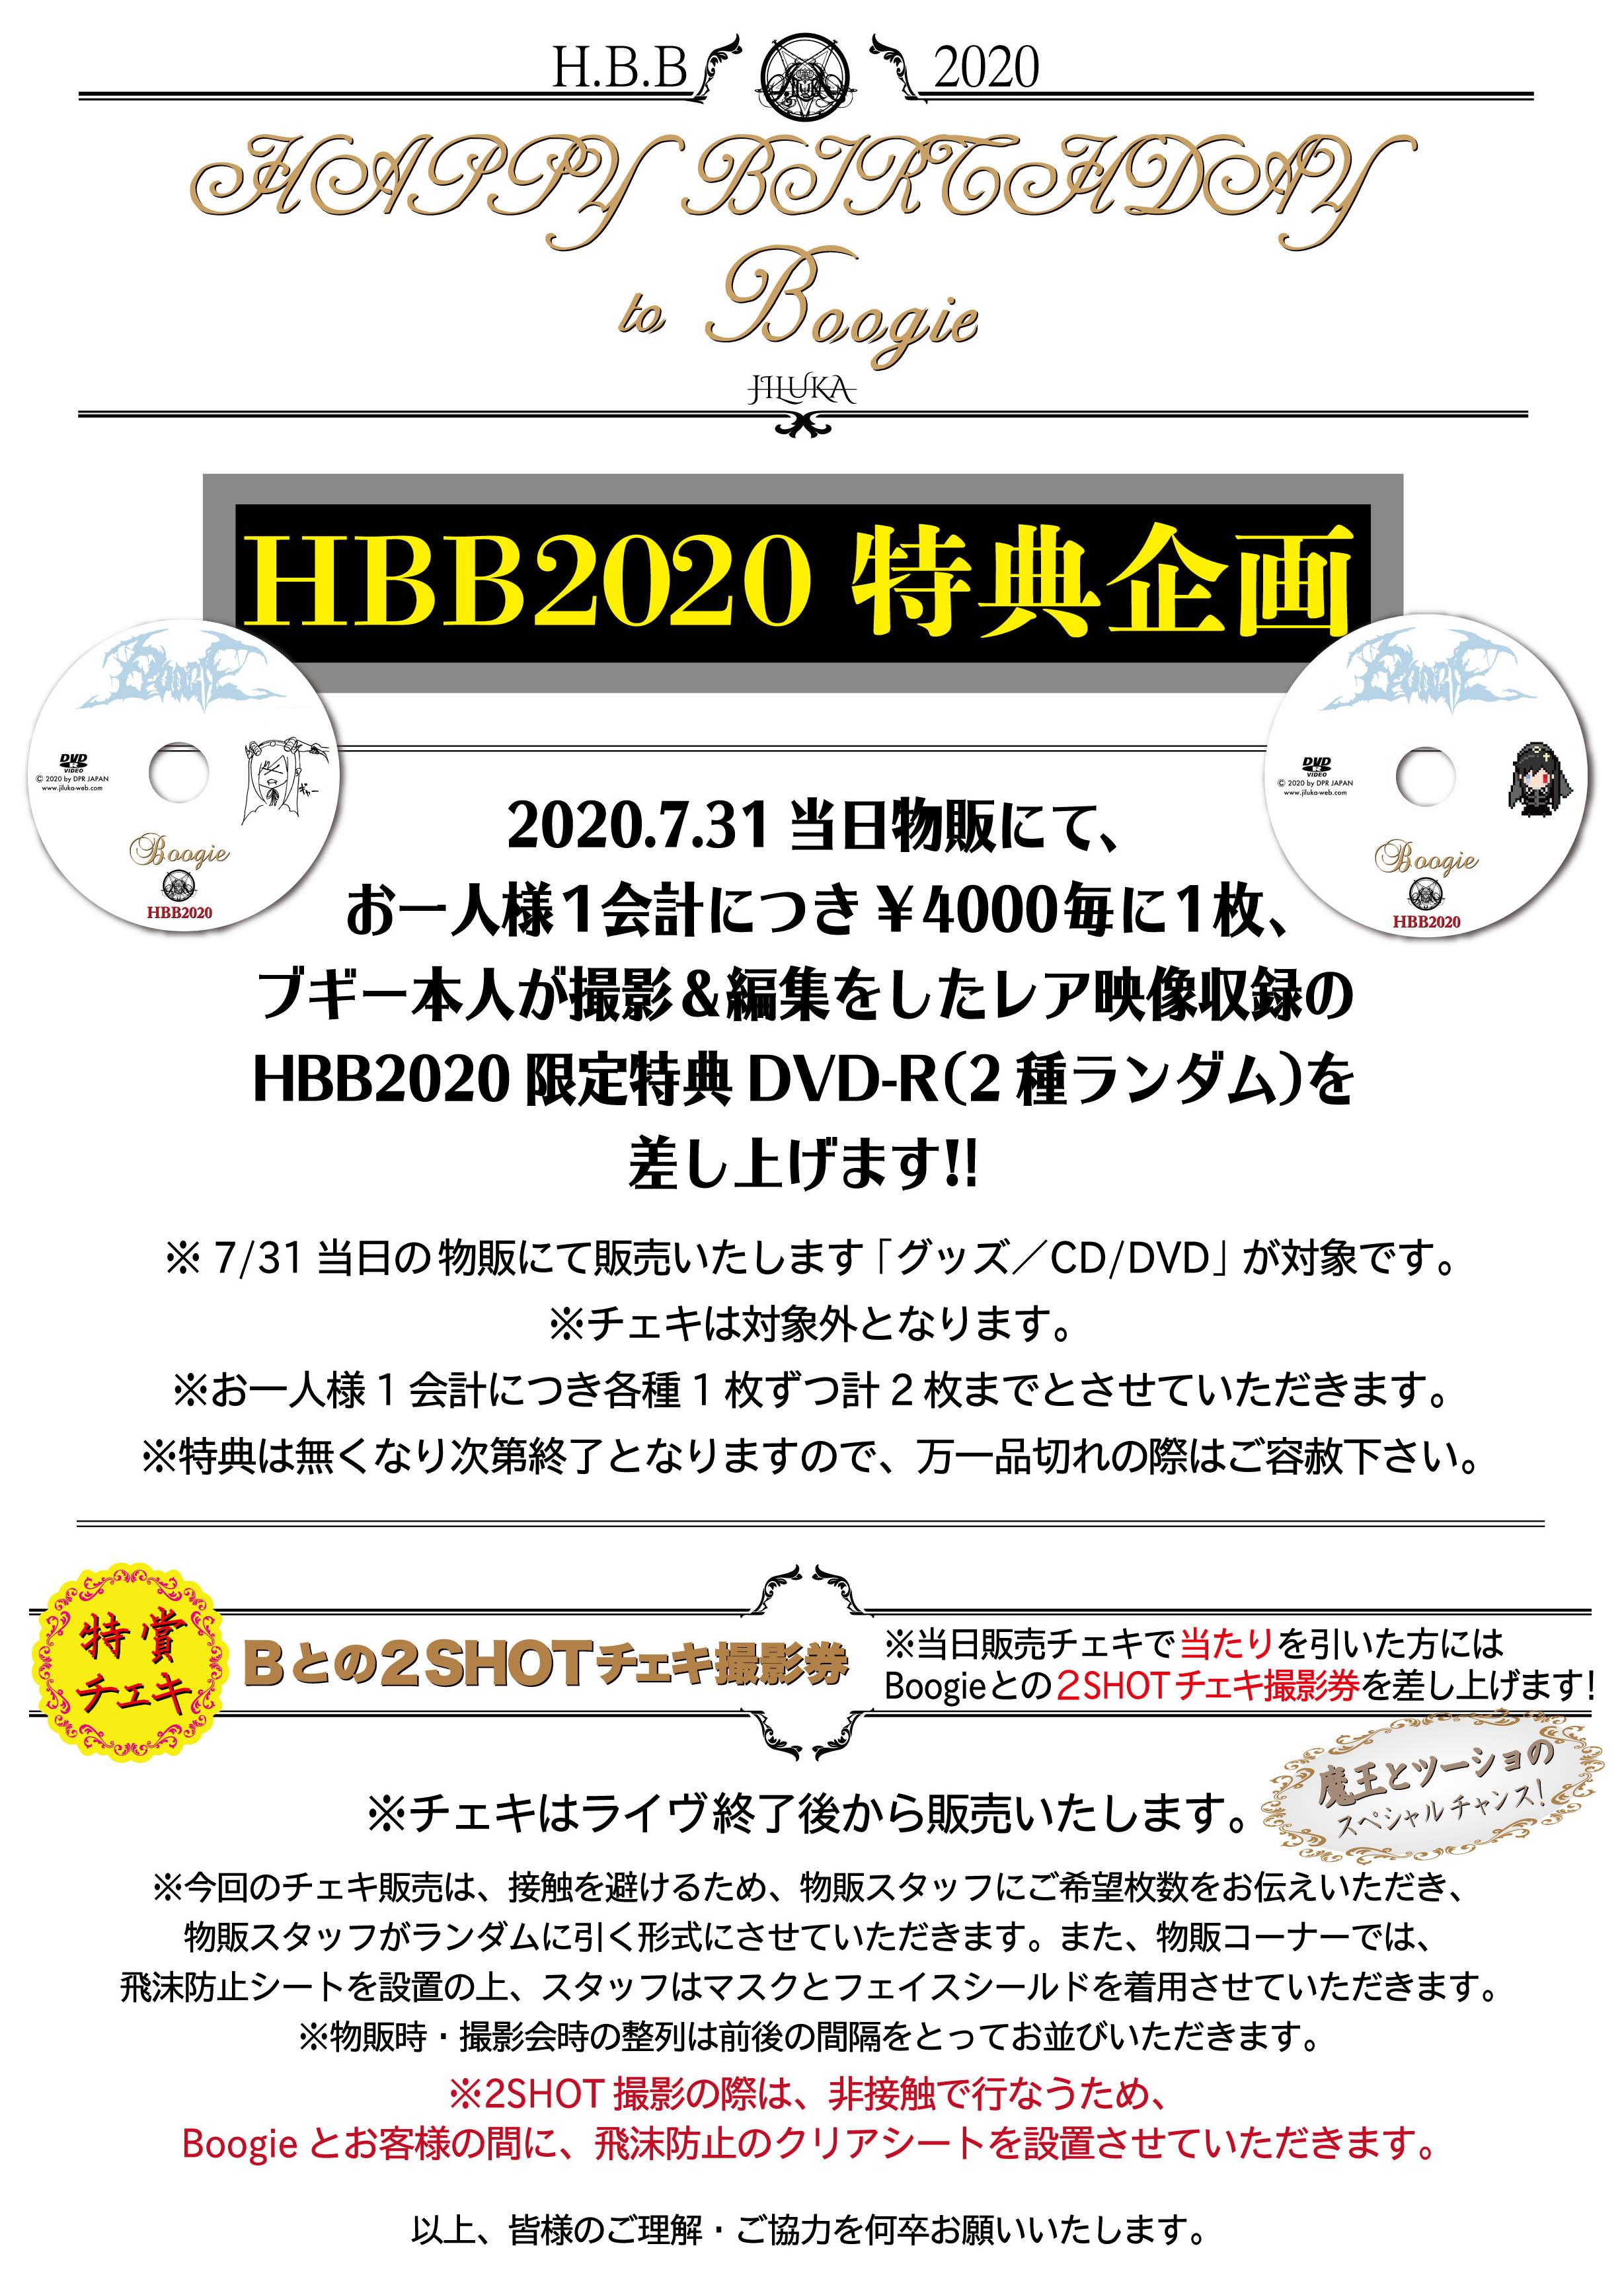 HBB2020_物販_貼り紙